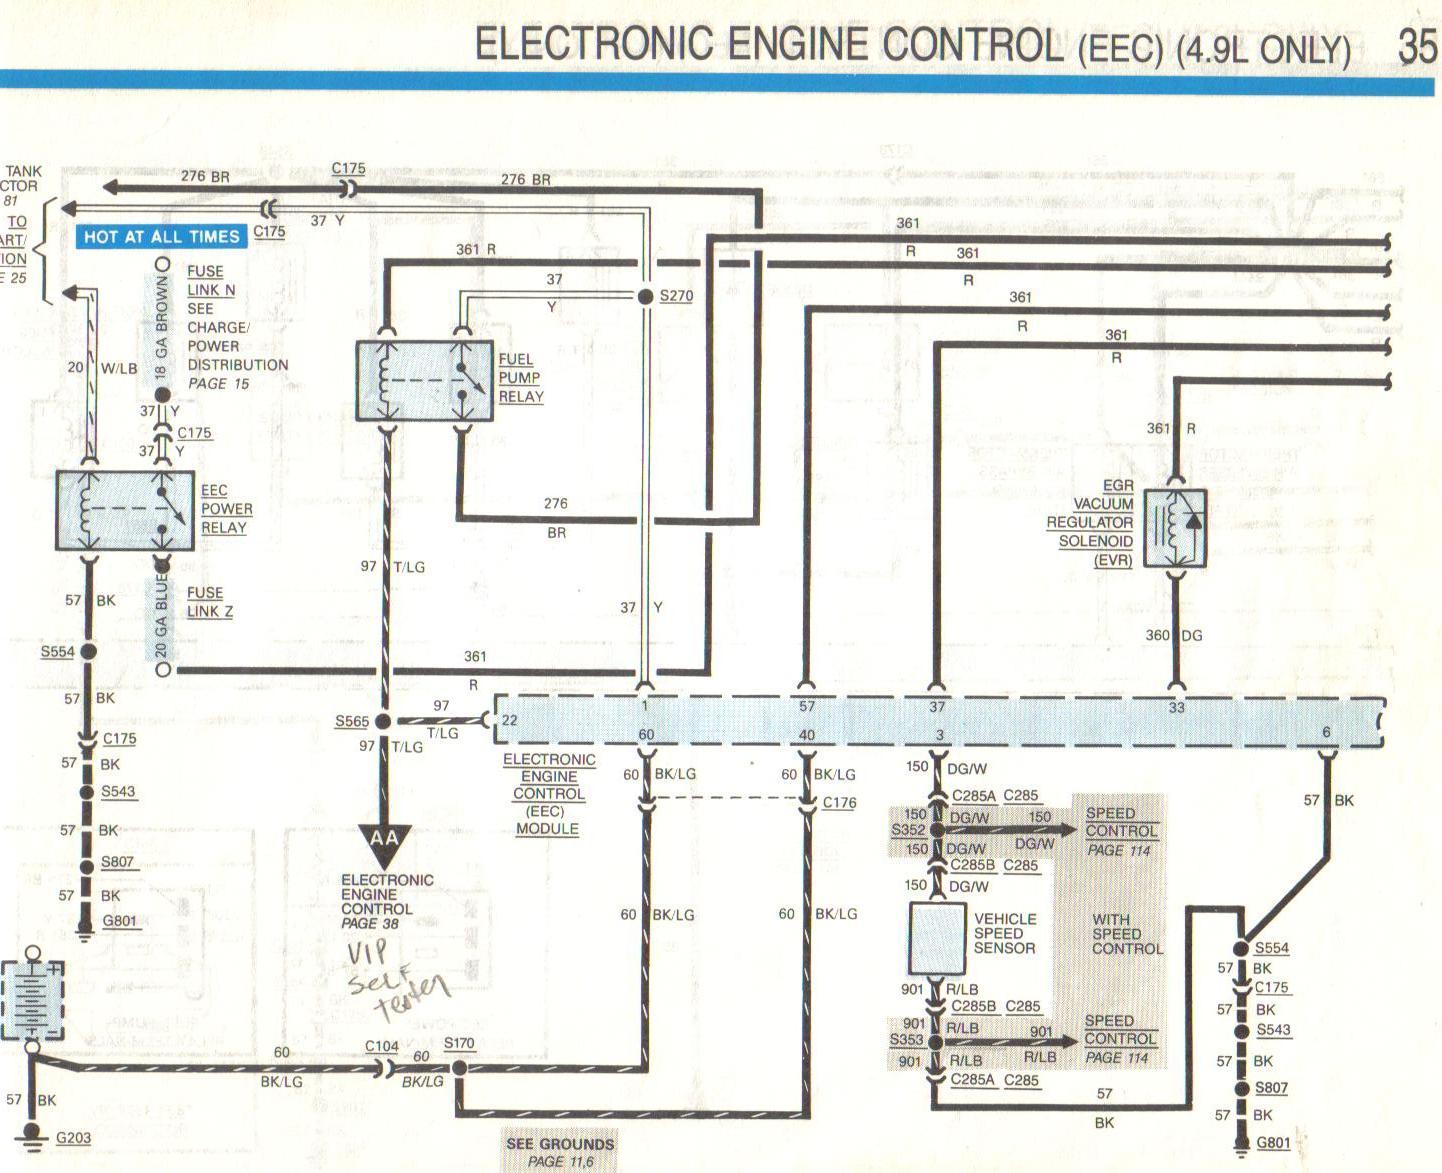 2008-07-31_181207_88_f-150_6cyl_engine_ctrl_pg35  Ford F Fuel Pump Wiring Diagram on 1993 ford f-250 wiring diagram, ford ranger 4x4 wiring diagram, 2002 ford focus radio wiring diagram, ford solenoid wiring diagram, ford f 450 wiring diagram, ford falcon wiring-diagram, ford windstar radio wiring diagram, ford fuel system diagrams, ford fuel gauge wiring diagram, ford explorer xlt fuse box diagram, ford e 350 wiring diagrams, ford 6.0 fuel filter housing diagram, ford charging system wiring diagram, ford relay diagram, 2002 ford super duty wiring diagram, ford f-150 front suspension diagram, ford f-150 rear brakes diagram, 2001 ford f-250 wiring diagram, ford f 150 radio wiring, ford fuel pump connector wiring,